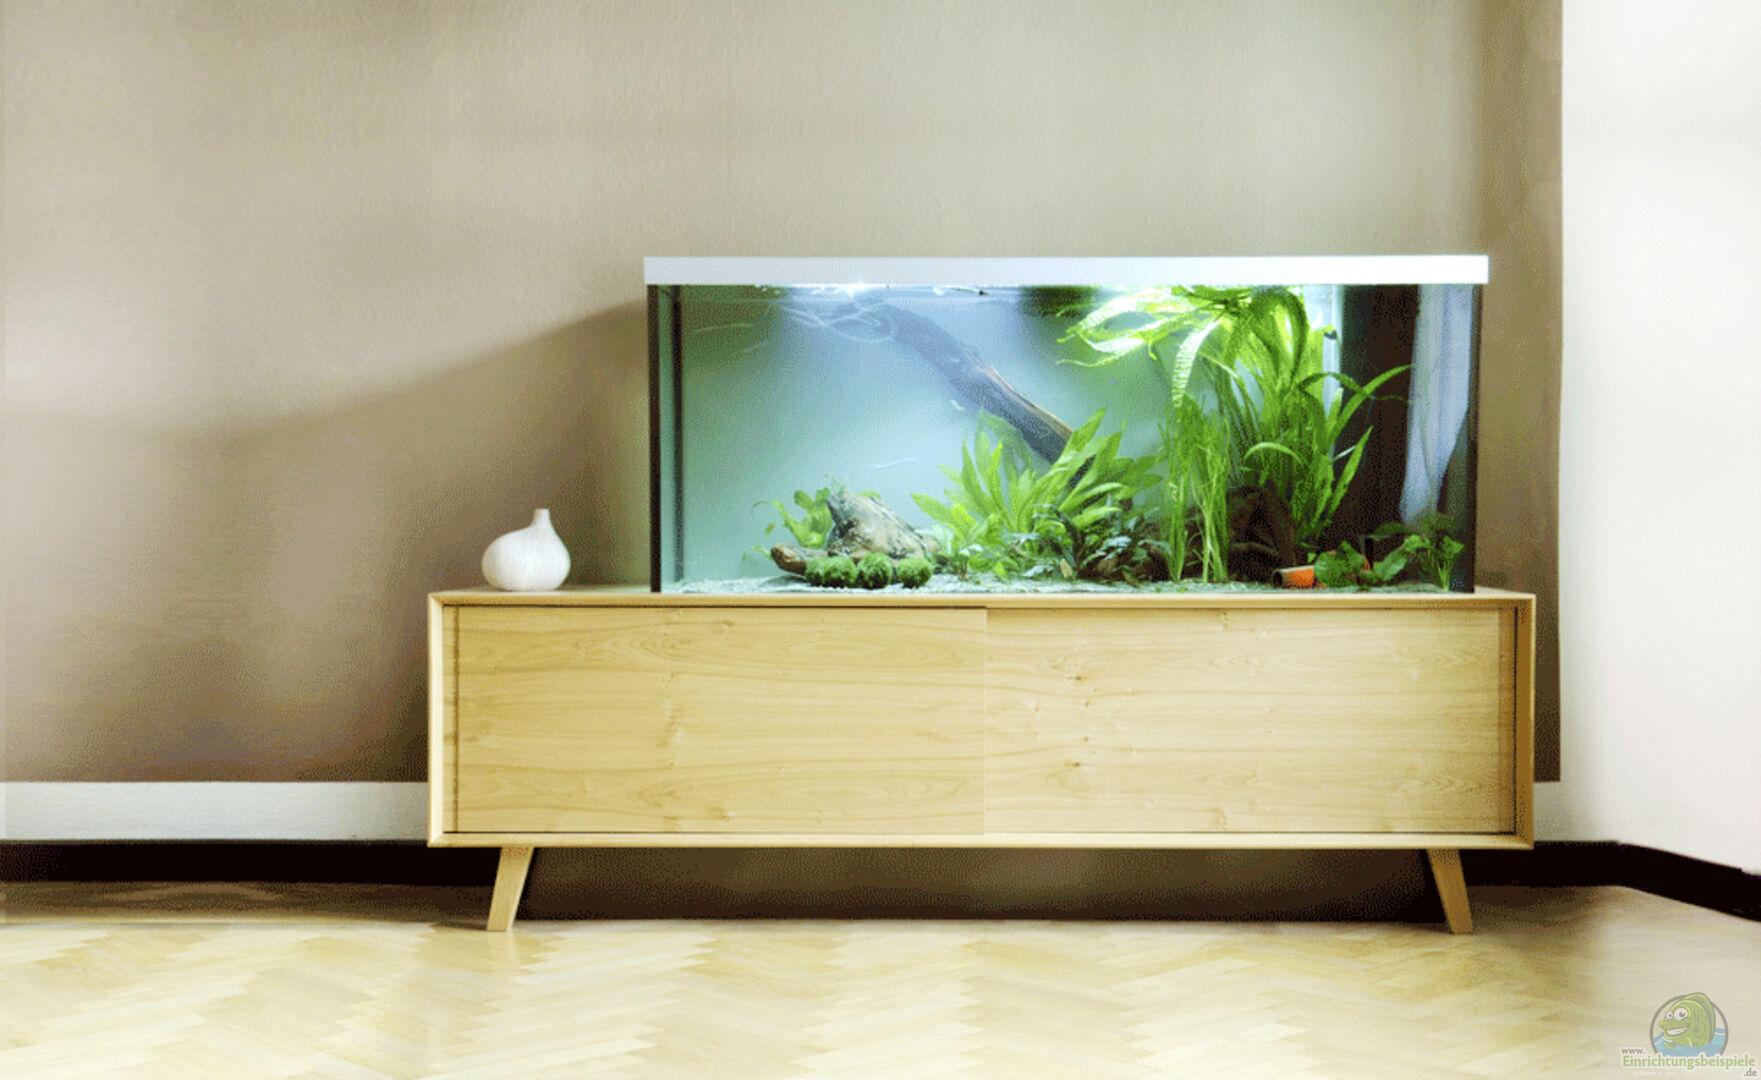 Wohnzimmer Aquarium Sammlung : Wohnzimmer aquarium sammlung sourcecrave